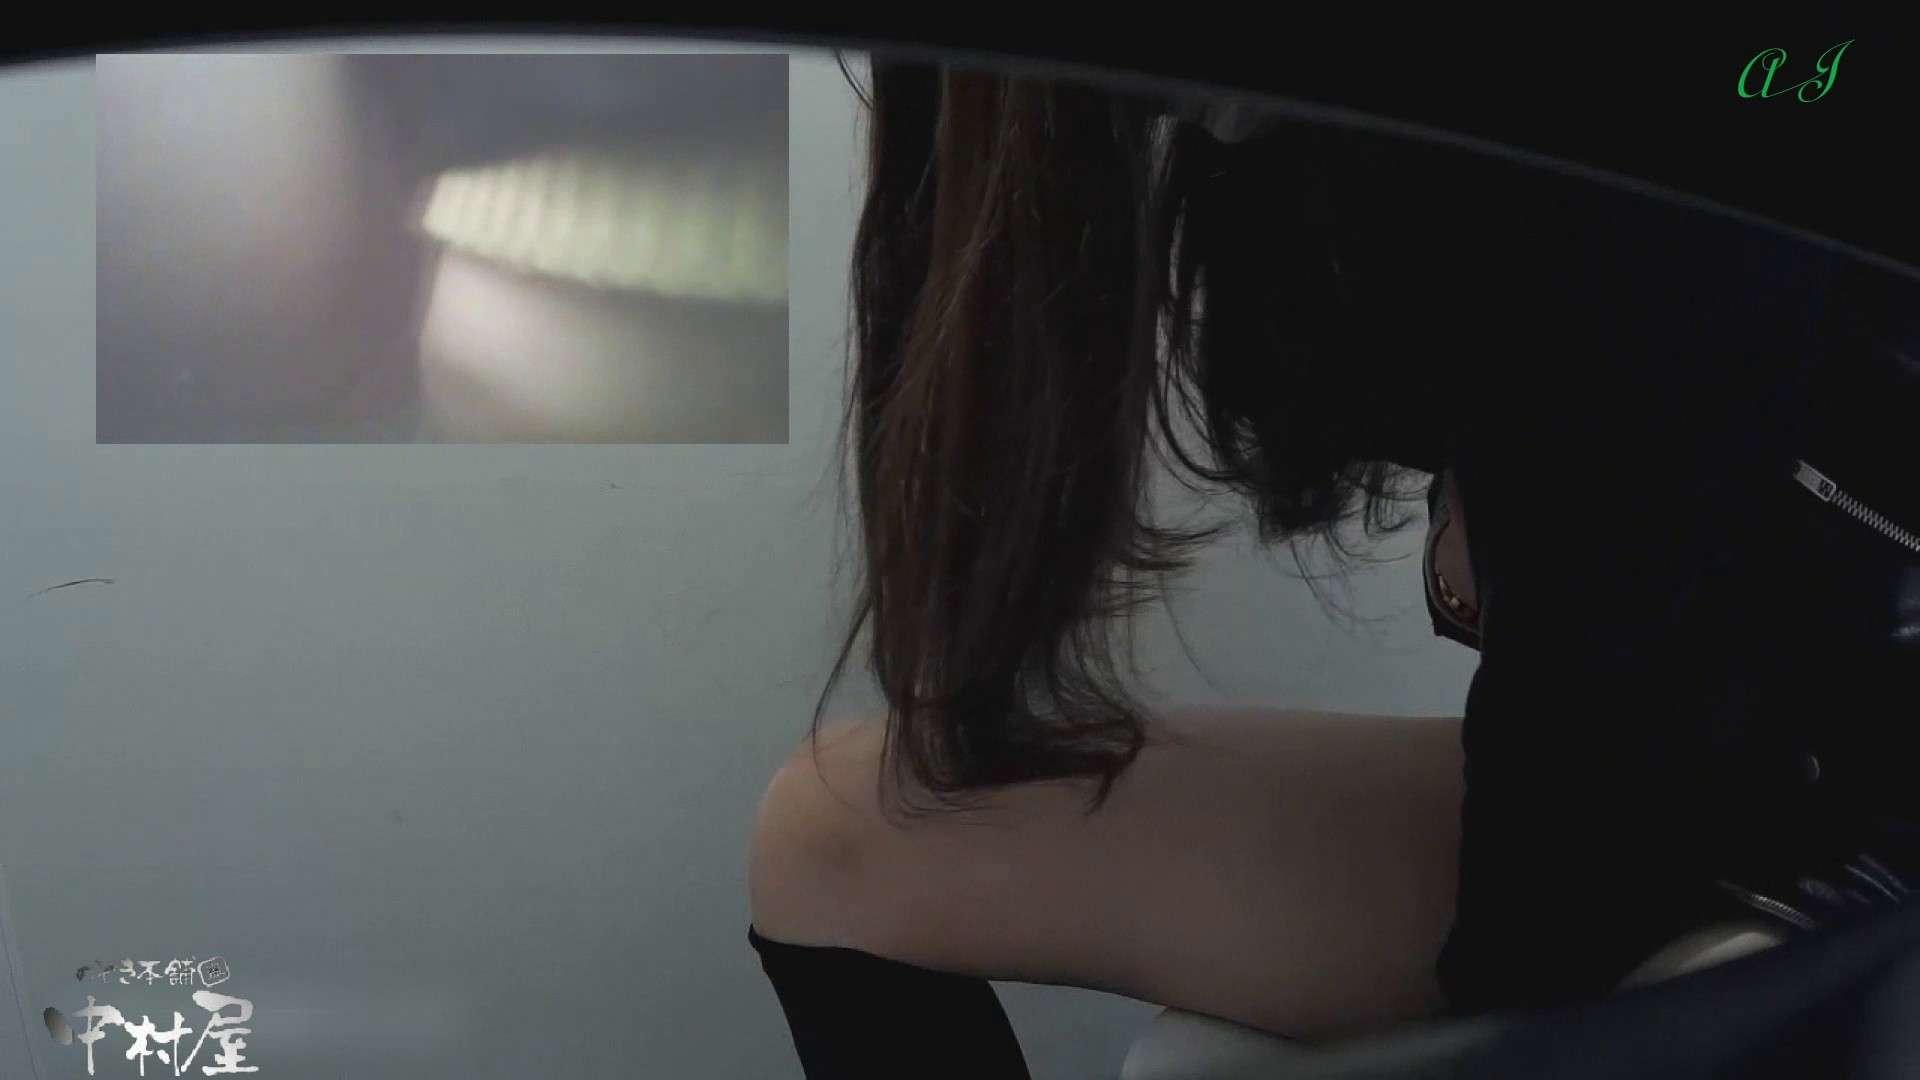 大あり美JDトイレ盗satu【有名大学女性洗面所 vol.80】 潜入突撃 ぱこり動画紹介 81pic 8